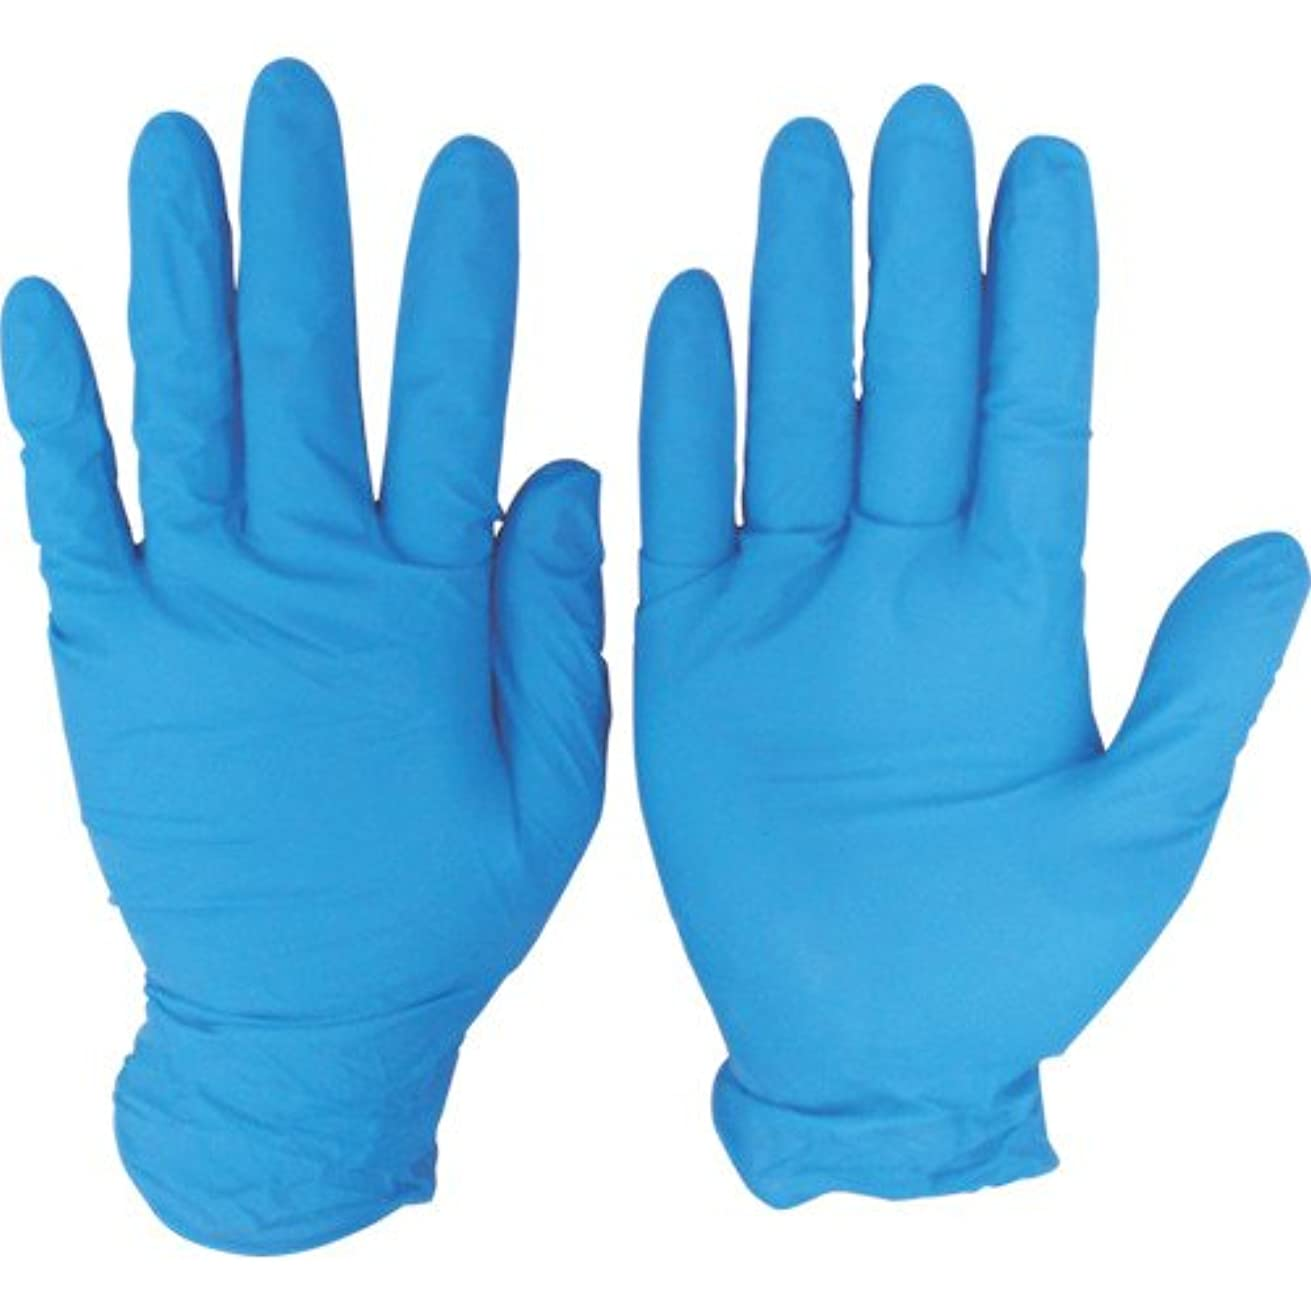 トランスミッション体たくさんシンガー ニトリルディスポグローブ(手袋) No.810 ブルー パウダーフリー(100枚) M